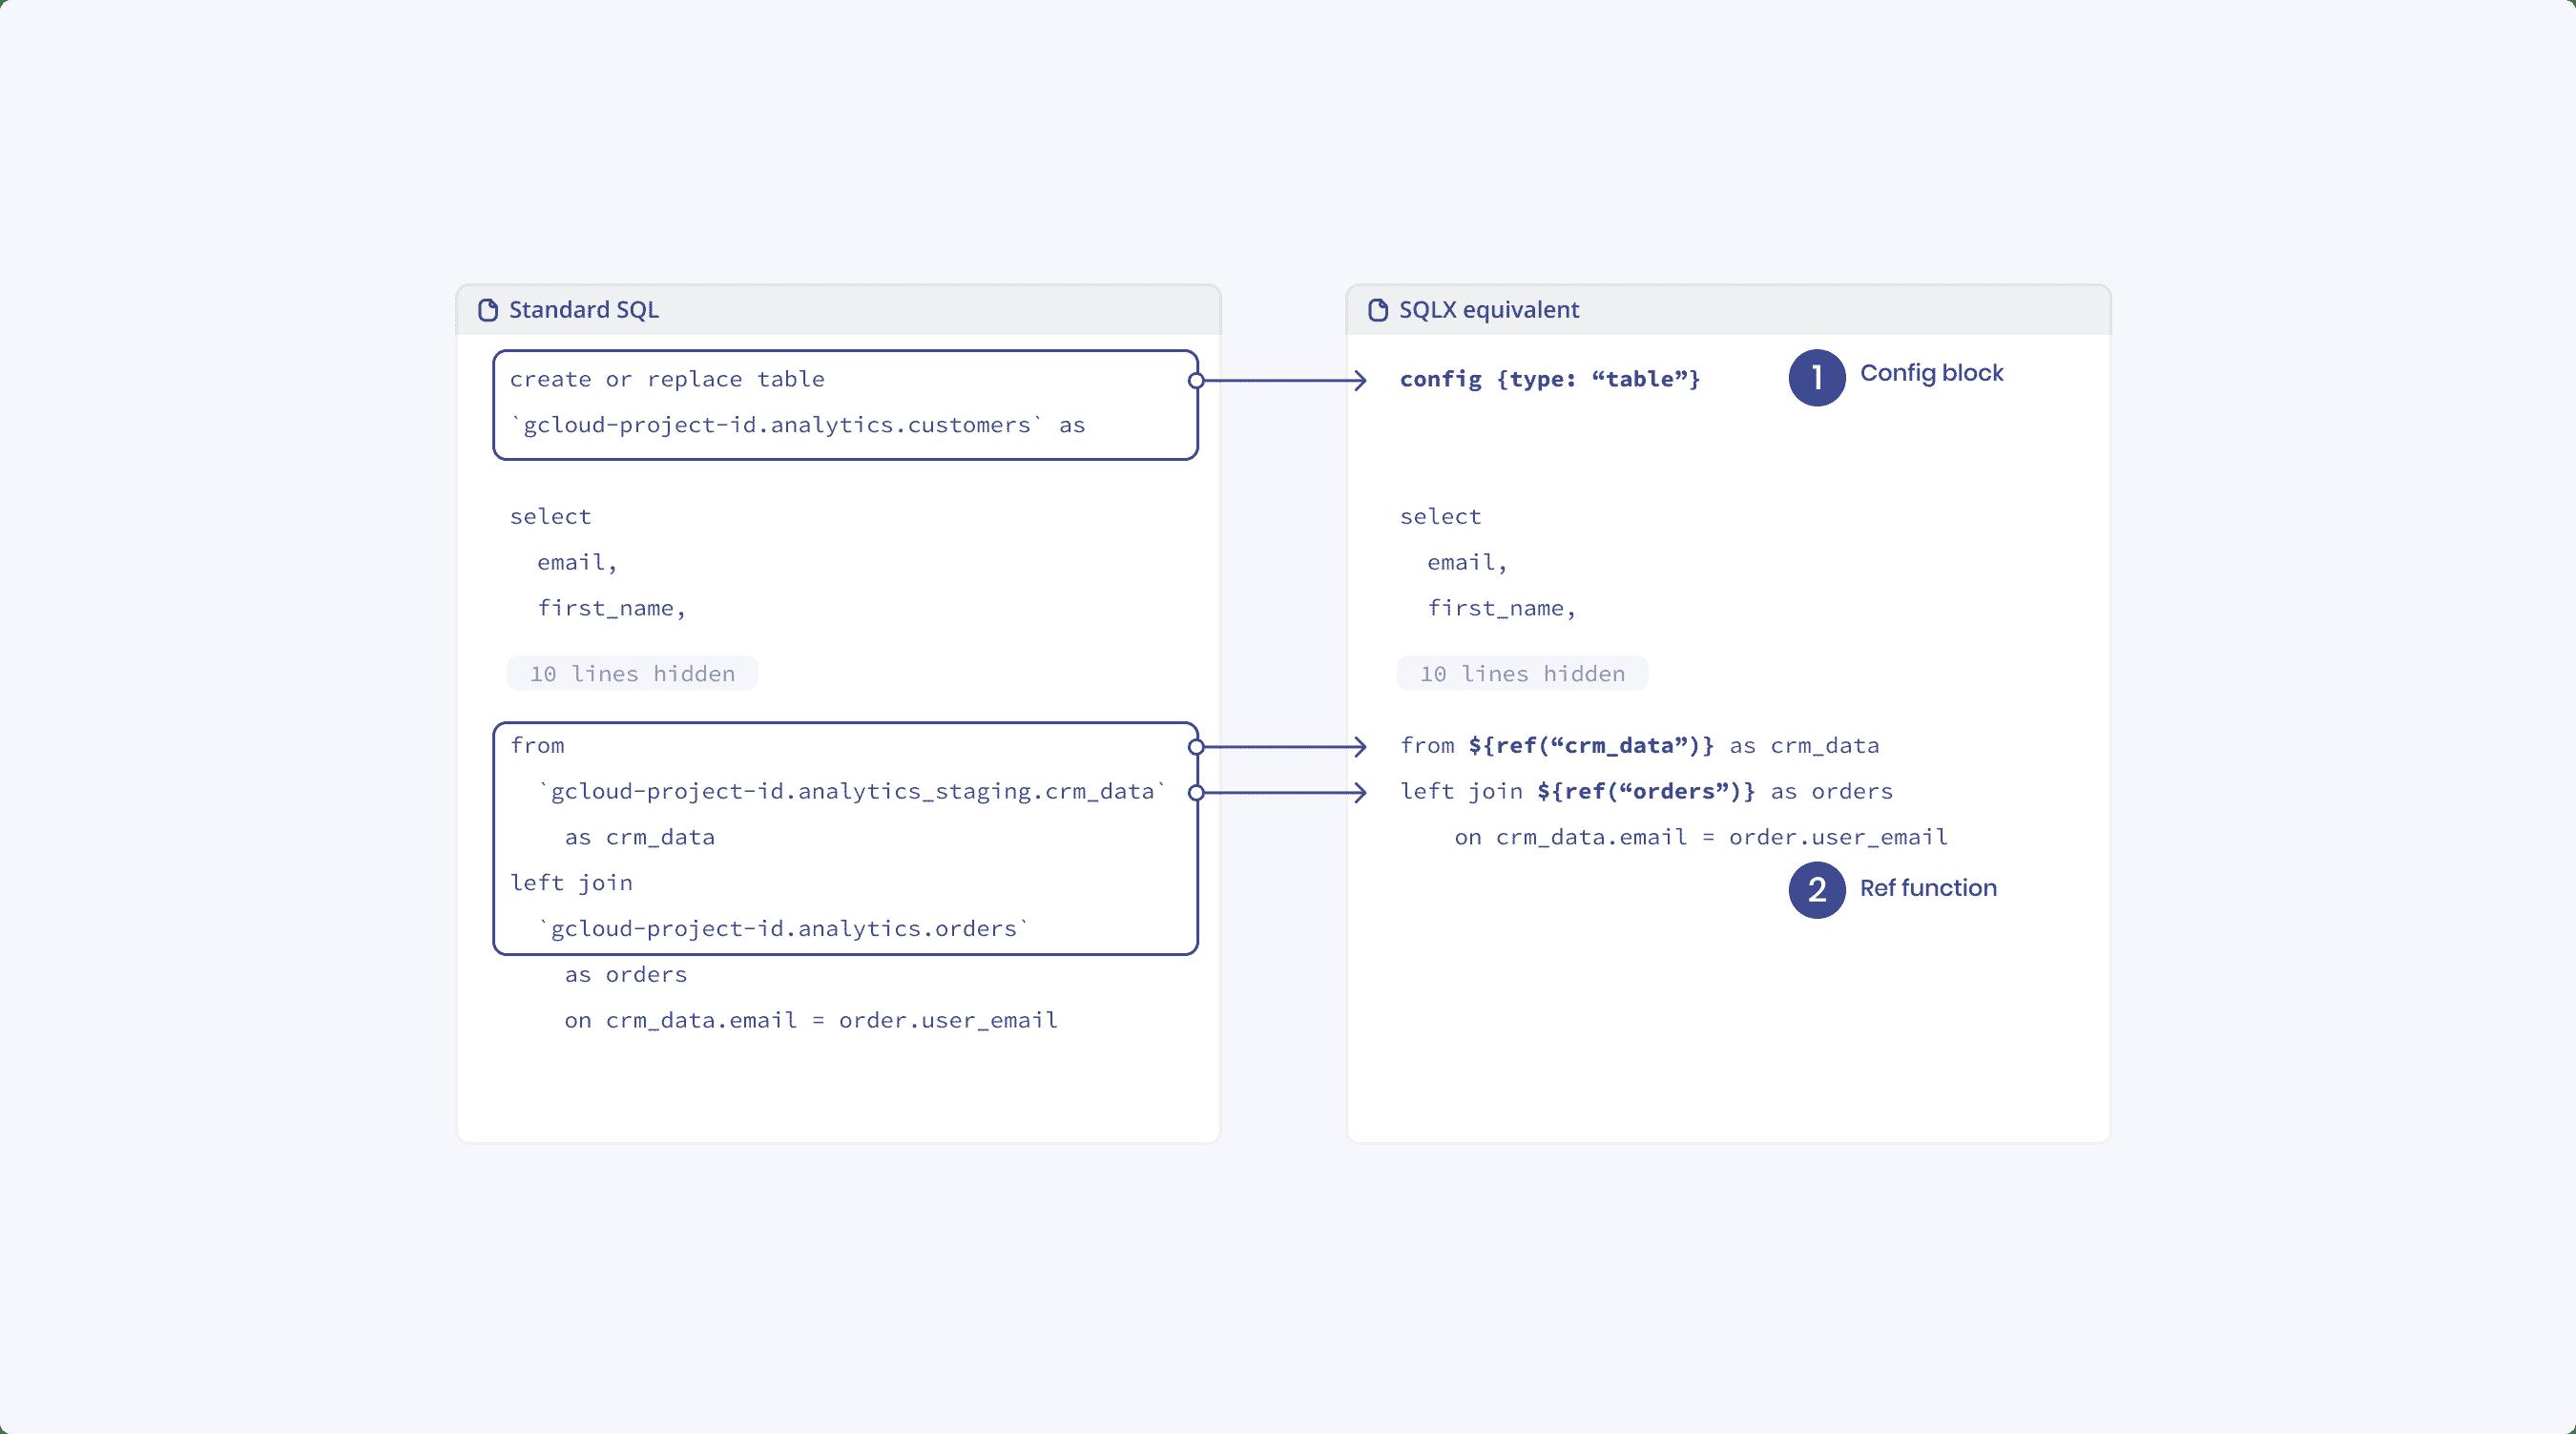 SQLX example